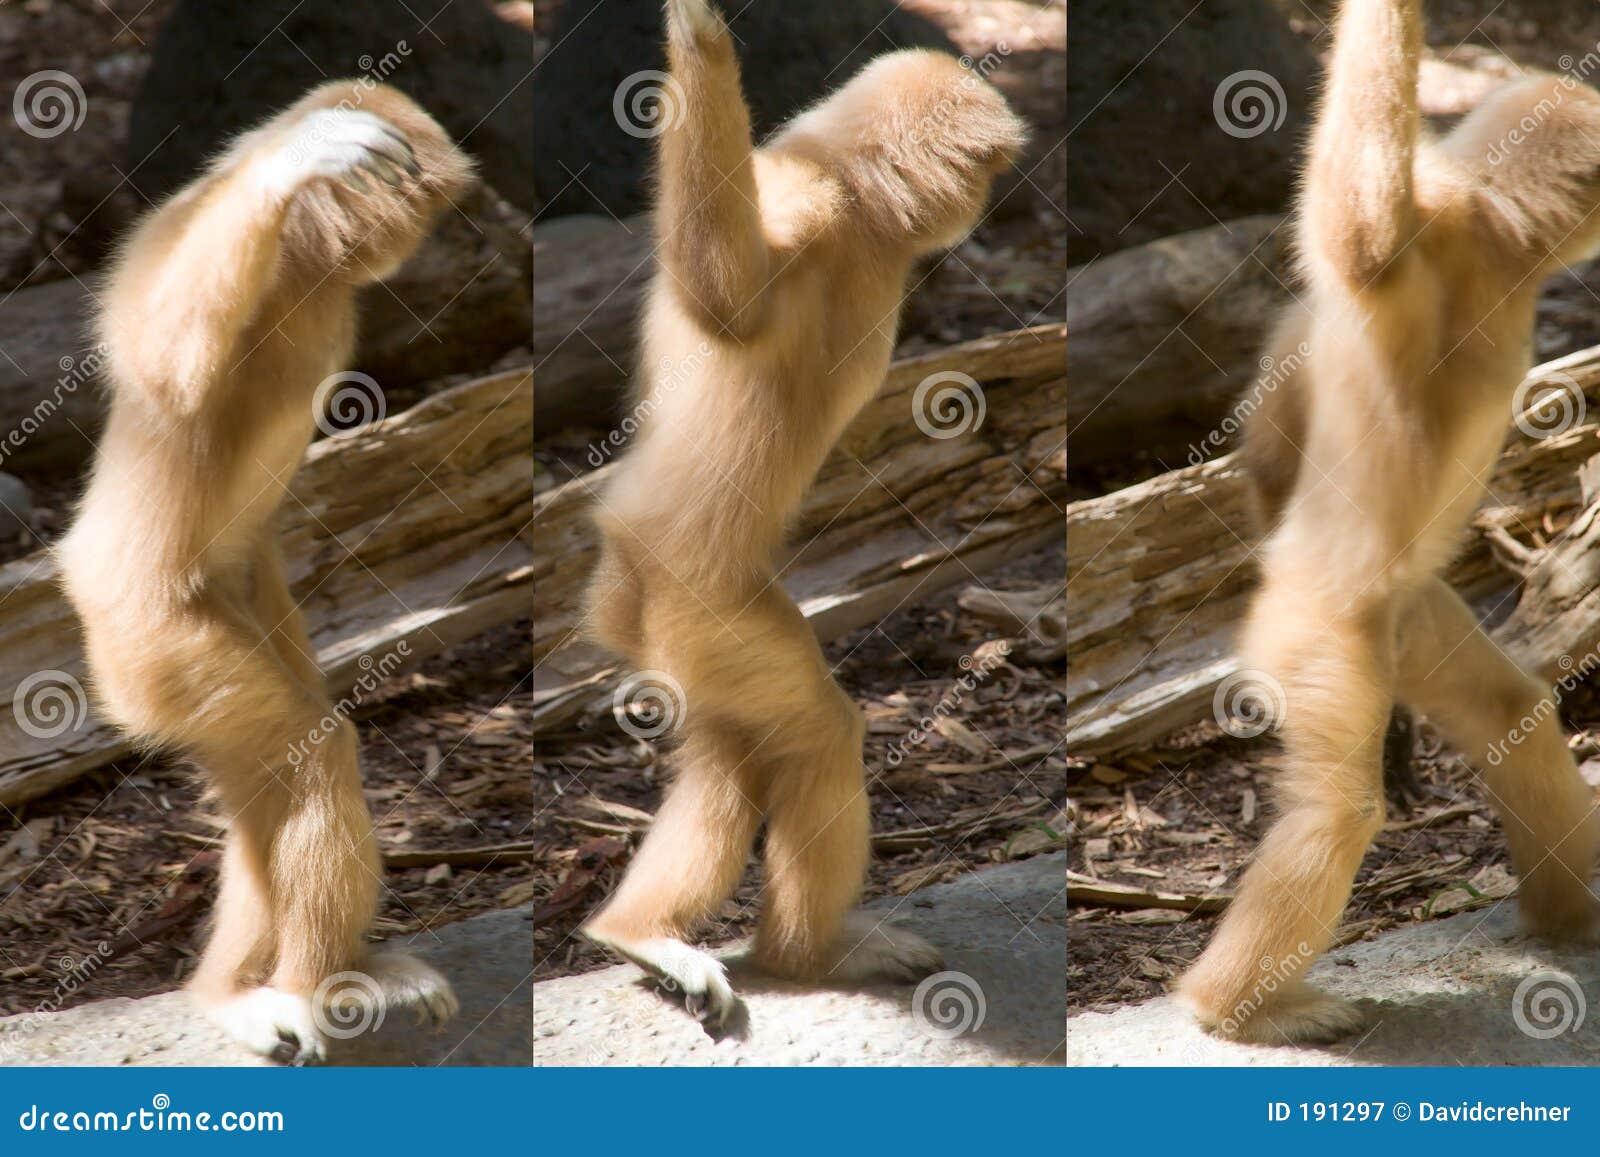 Danse Blanc-remise de gibbon loin dans une série de trois poses